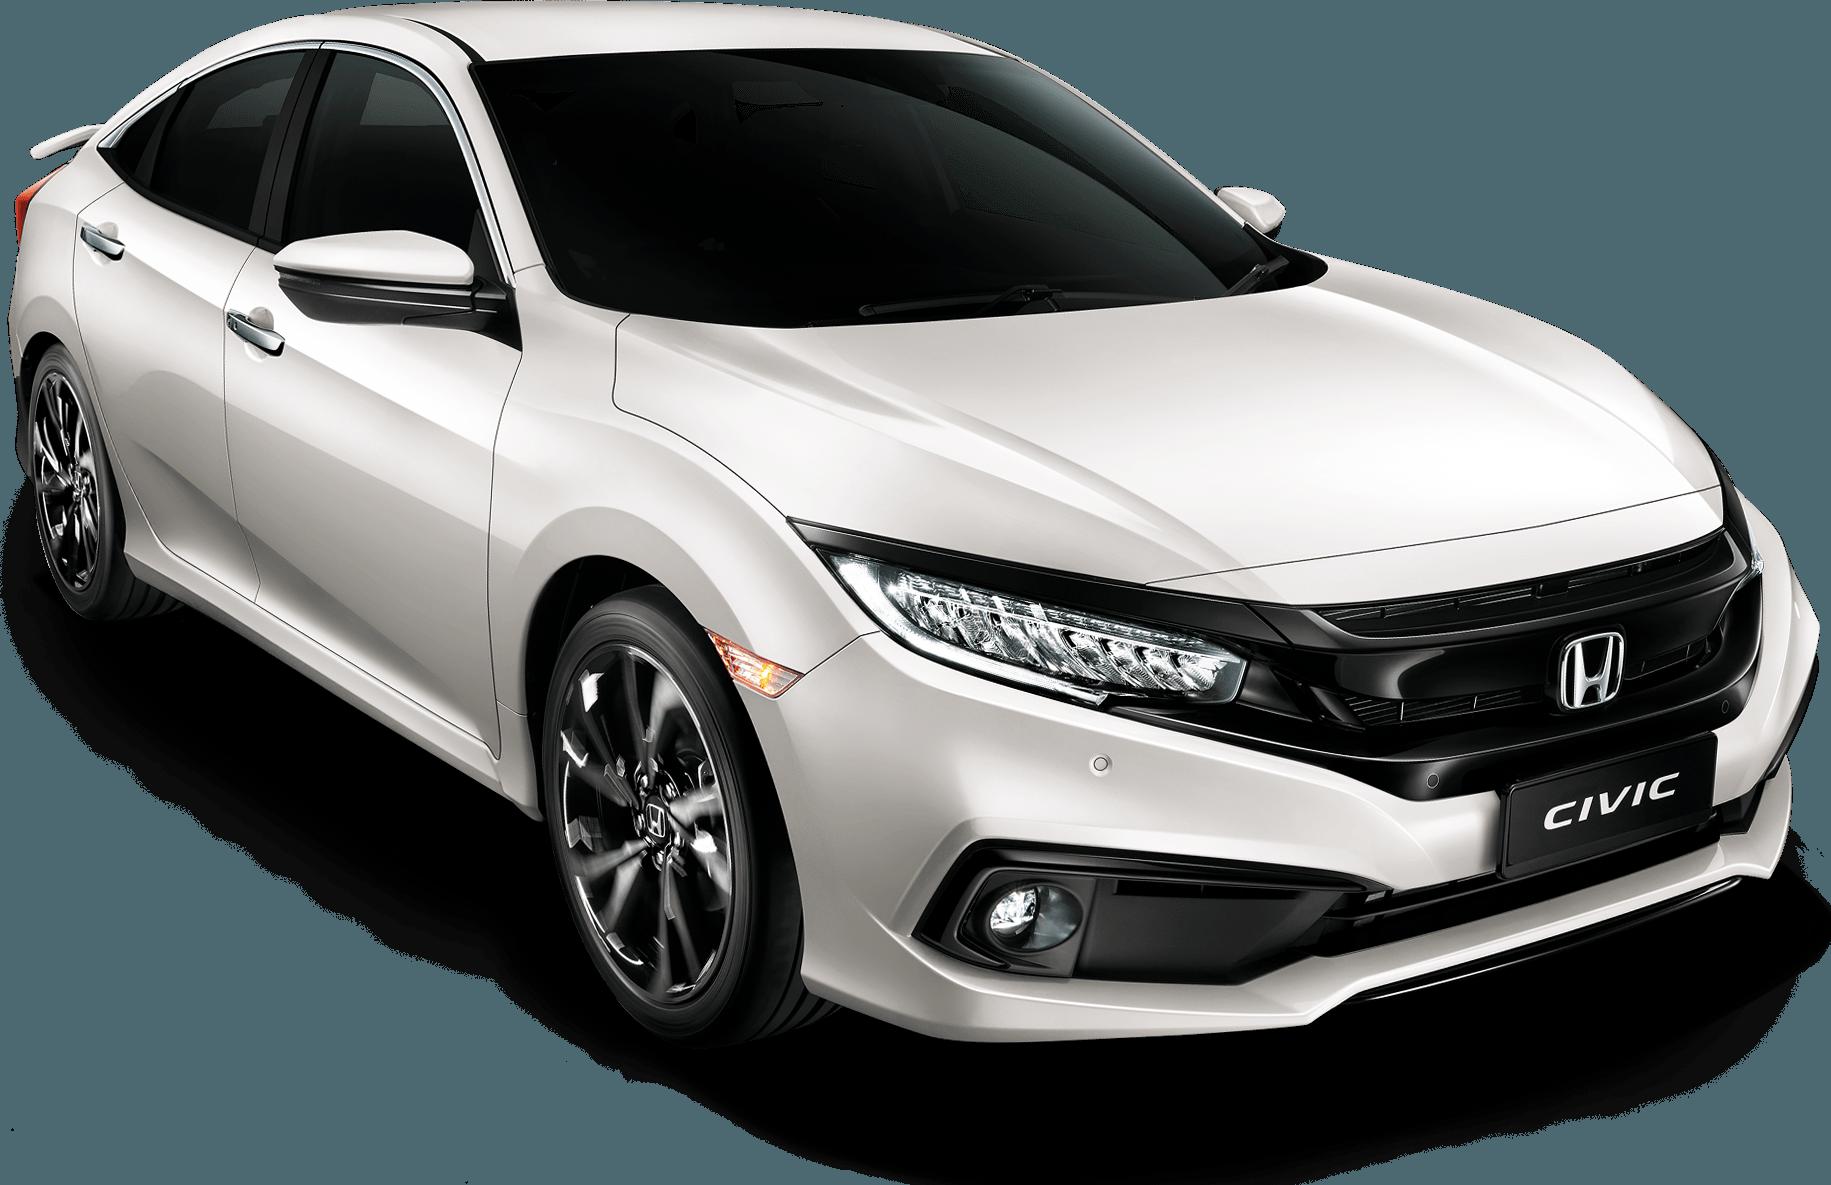 Kelebihan Kekurangan Harga Civic 2019 Tangguh